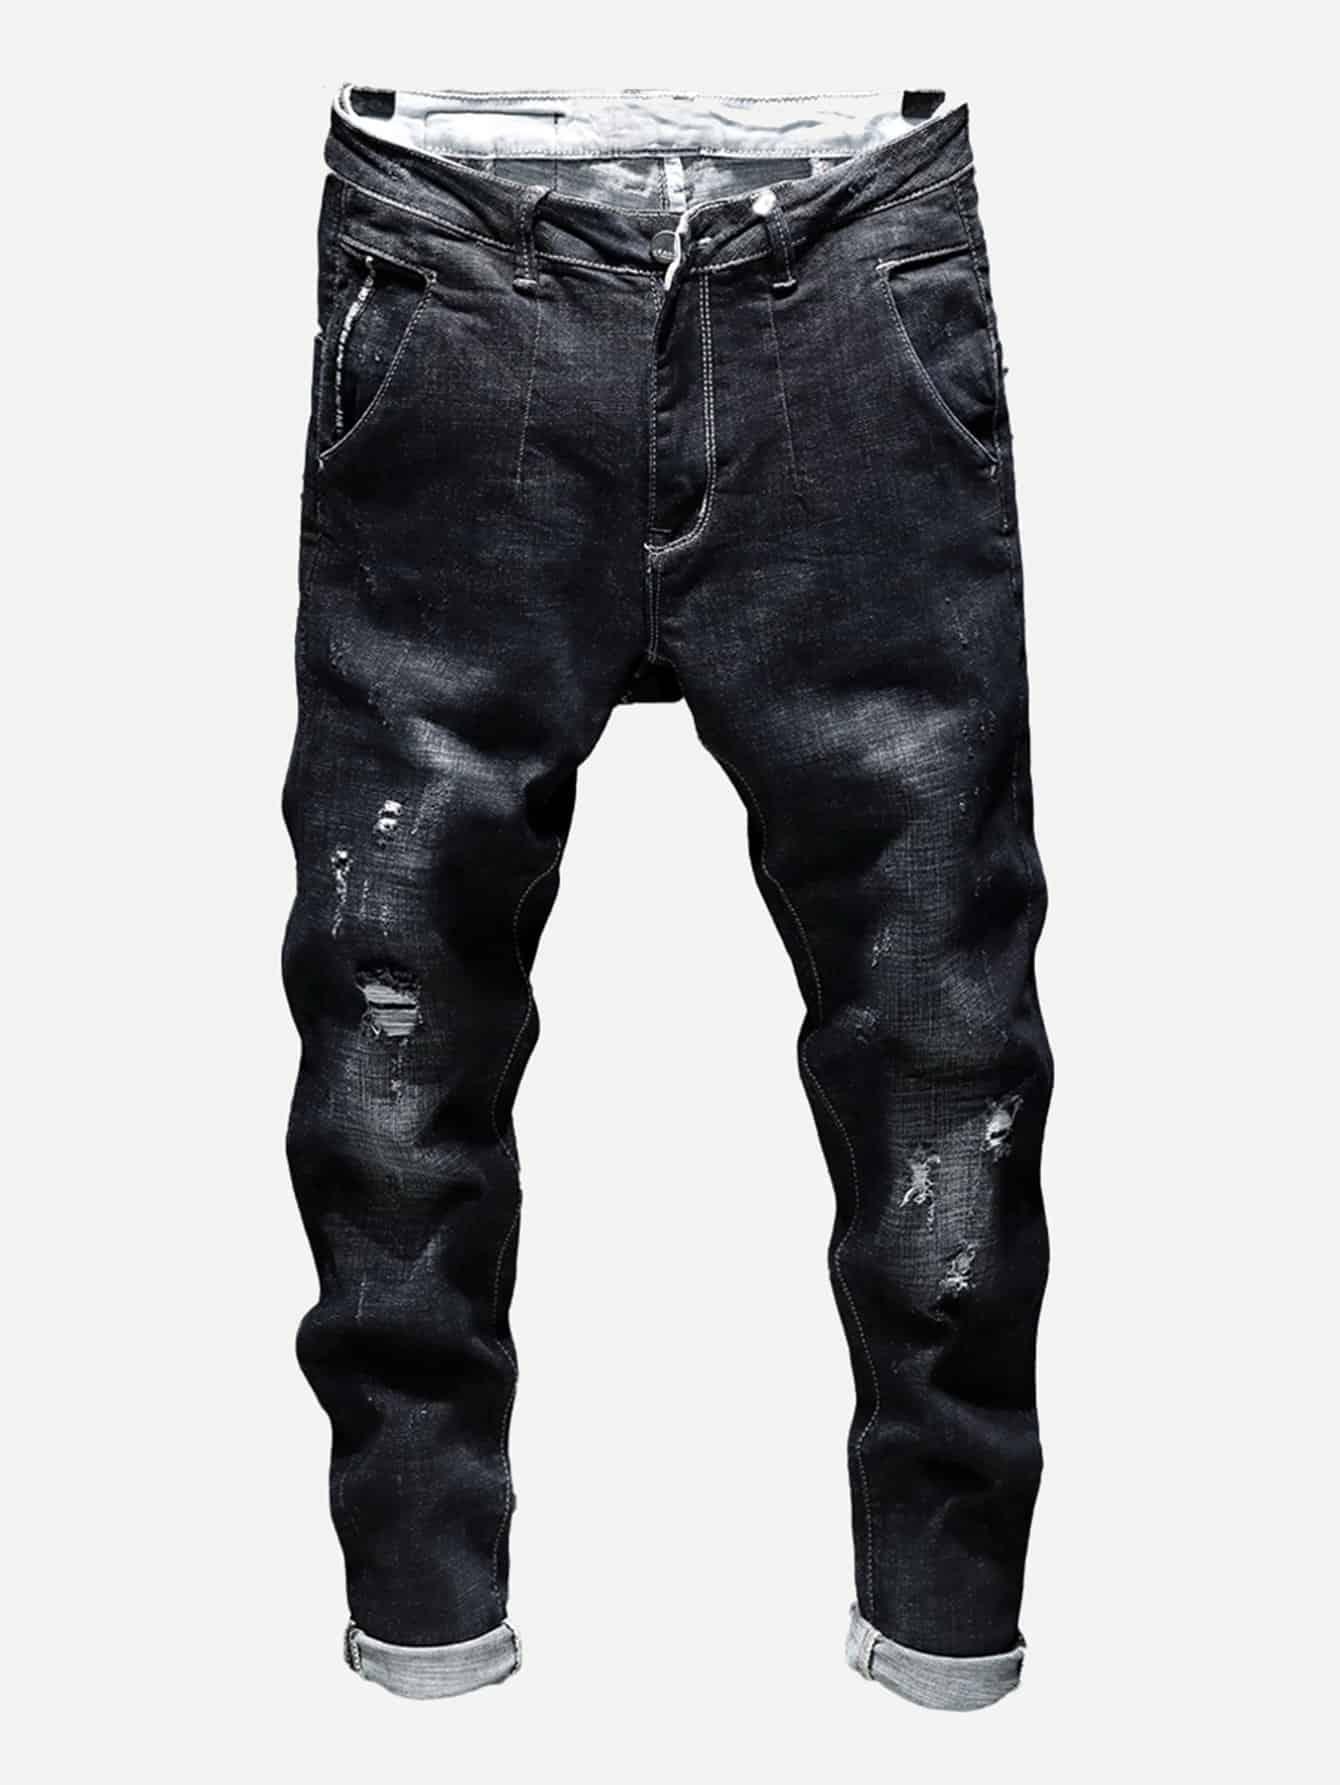 Купить Рваные простые джинсы для мужчины, null, SheIn